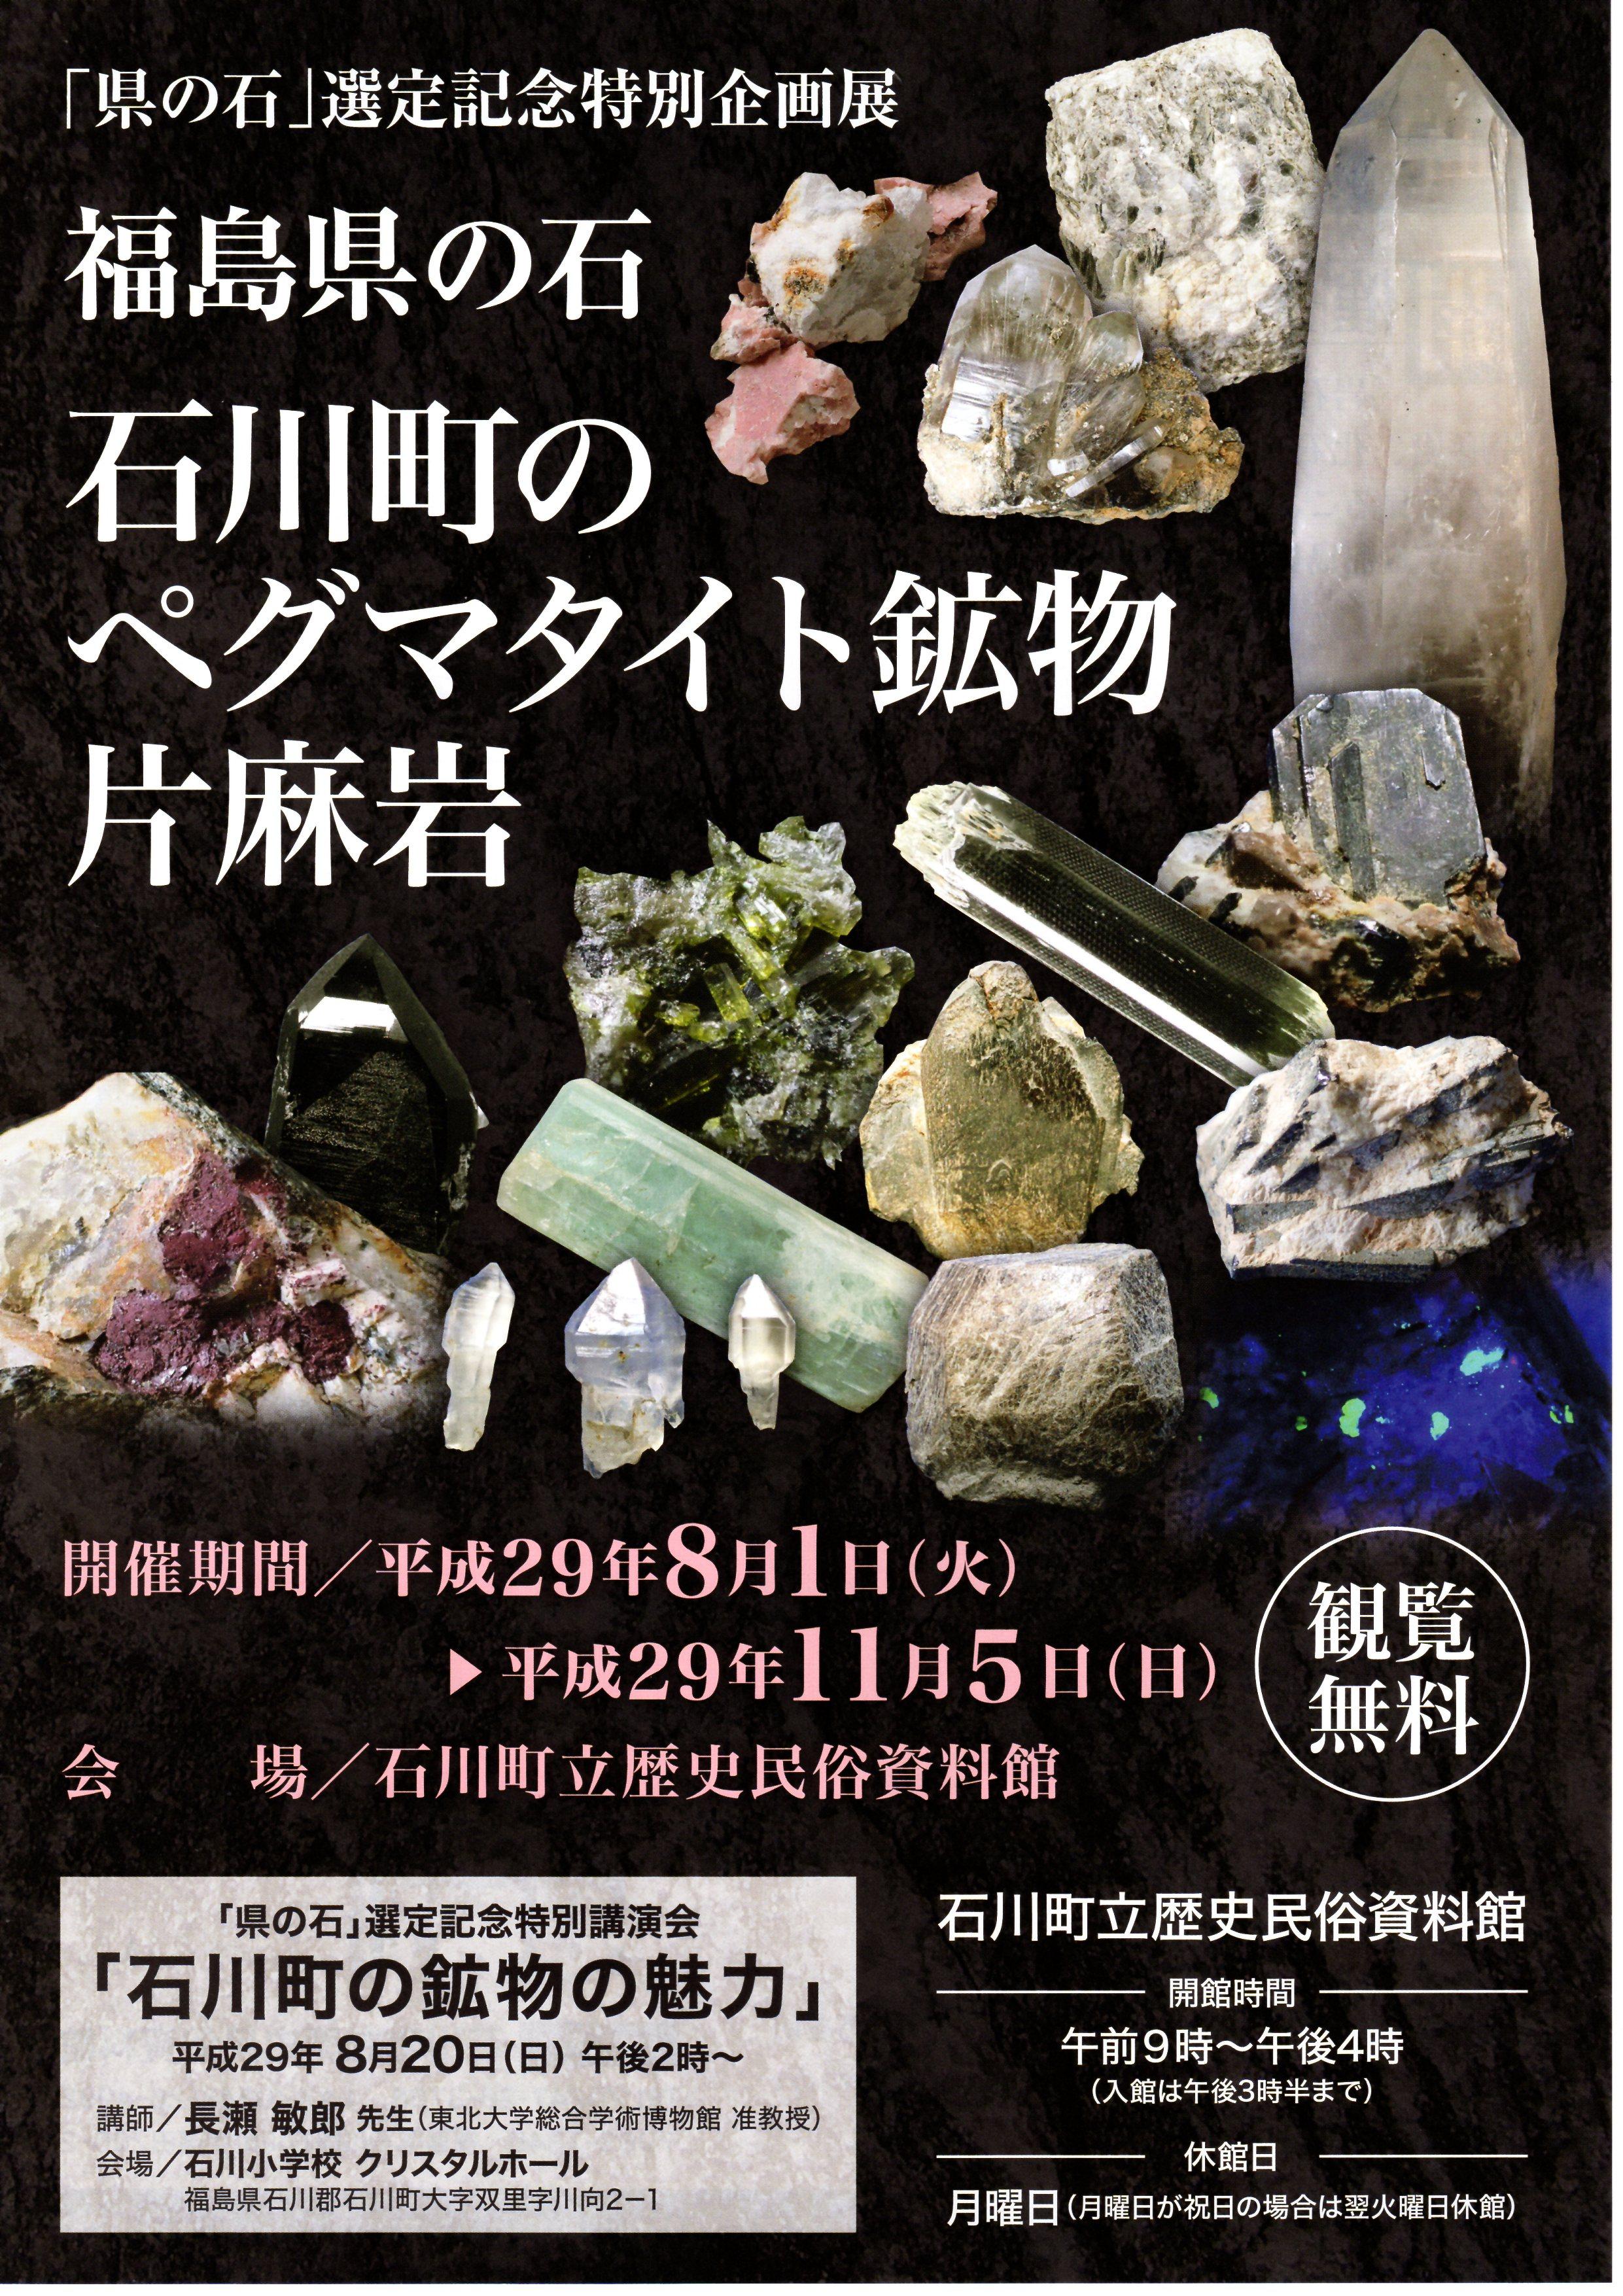 8月1日(火)~11月5日(日)◆石川町のペグマタイト鉱物、片麻岩の特別企画展